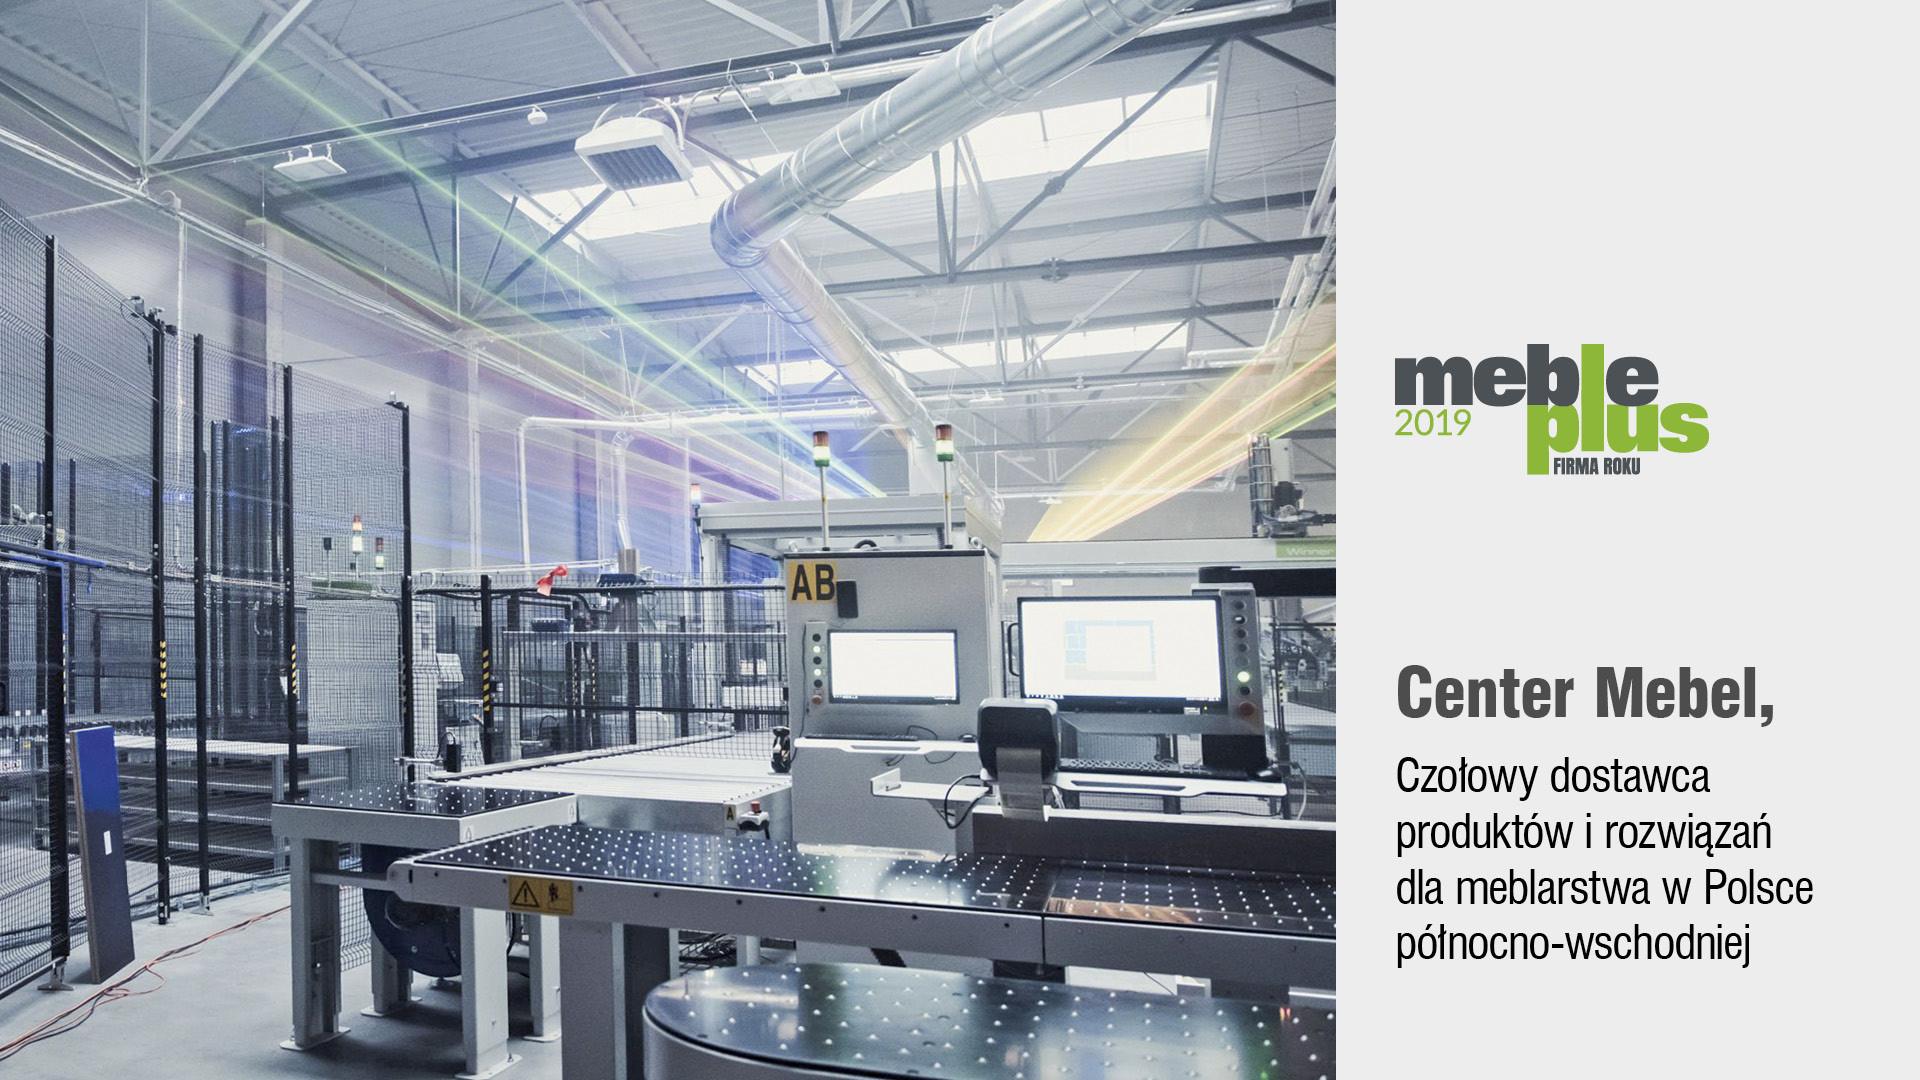 Center Mebel Firmą Roku 2019 w plebiscycie magazynu Meble Plus i portalu Biznesmeblowy.pl